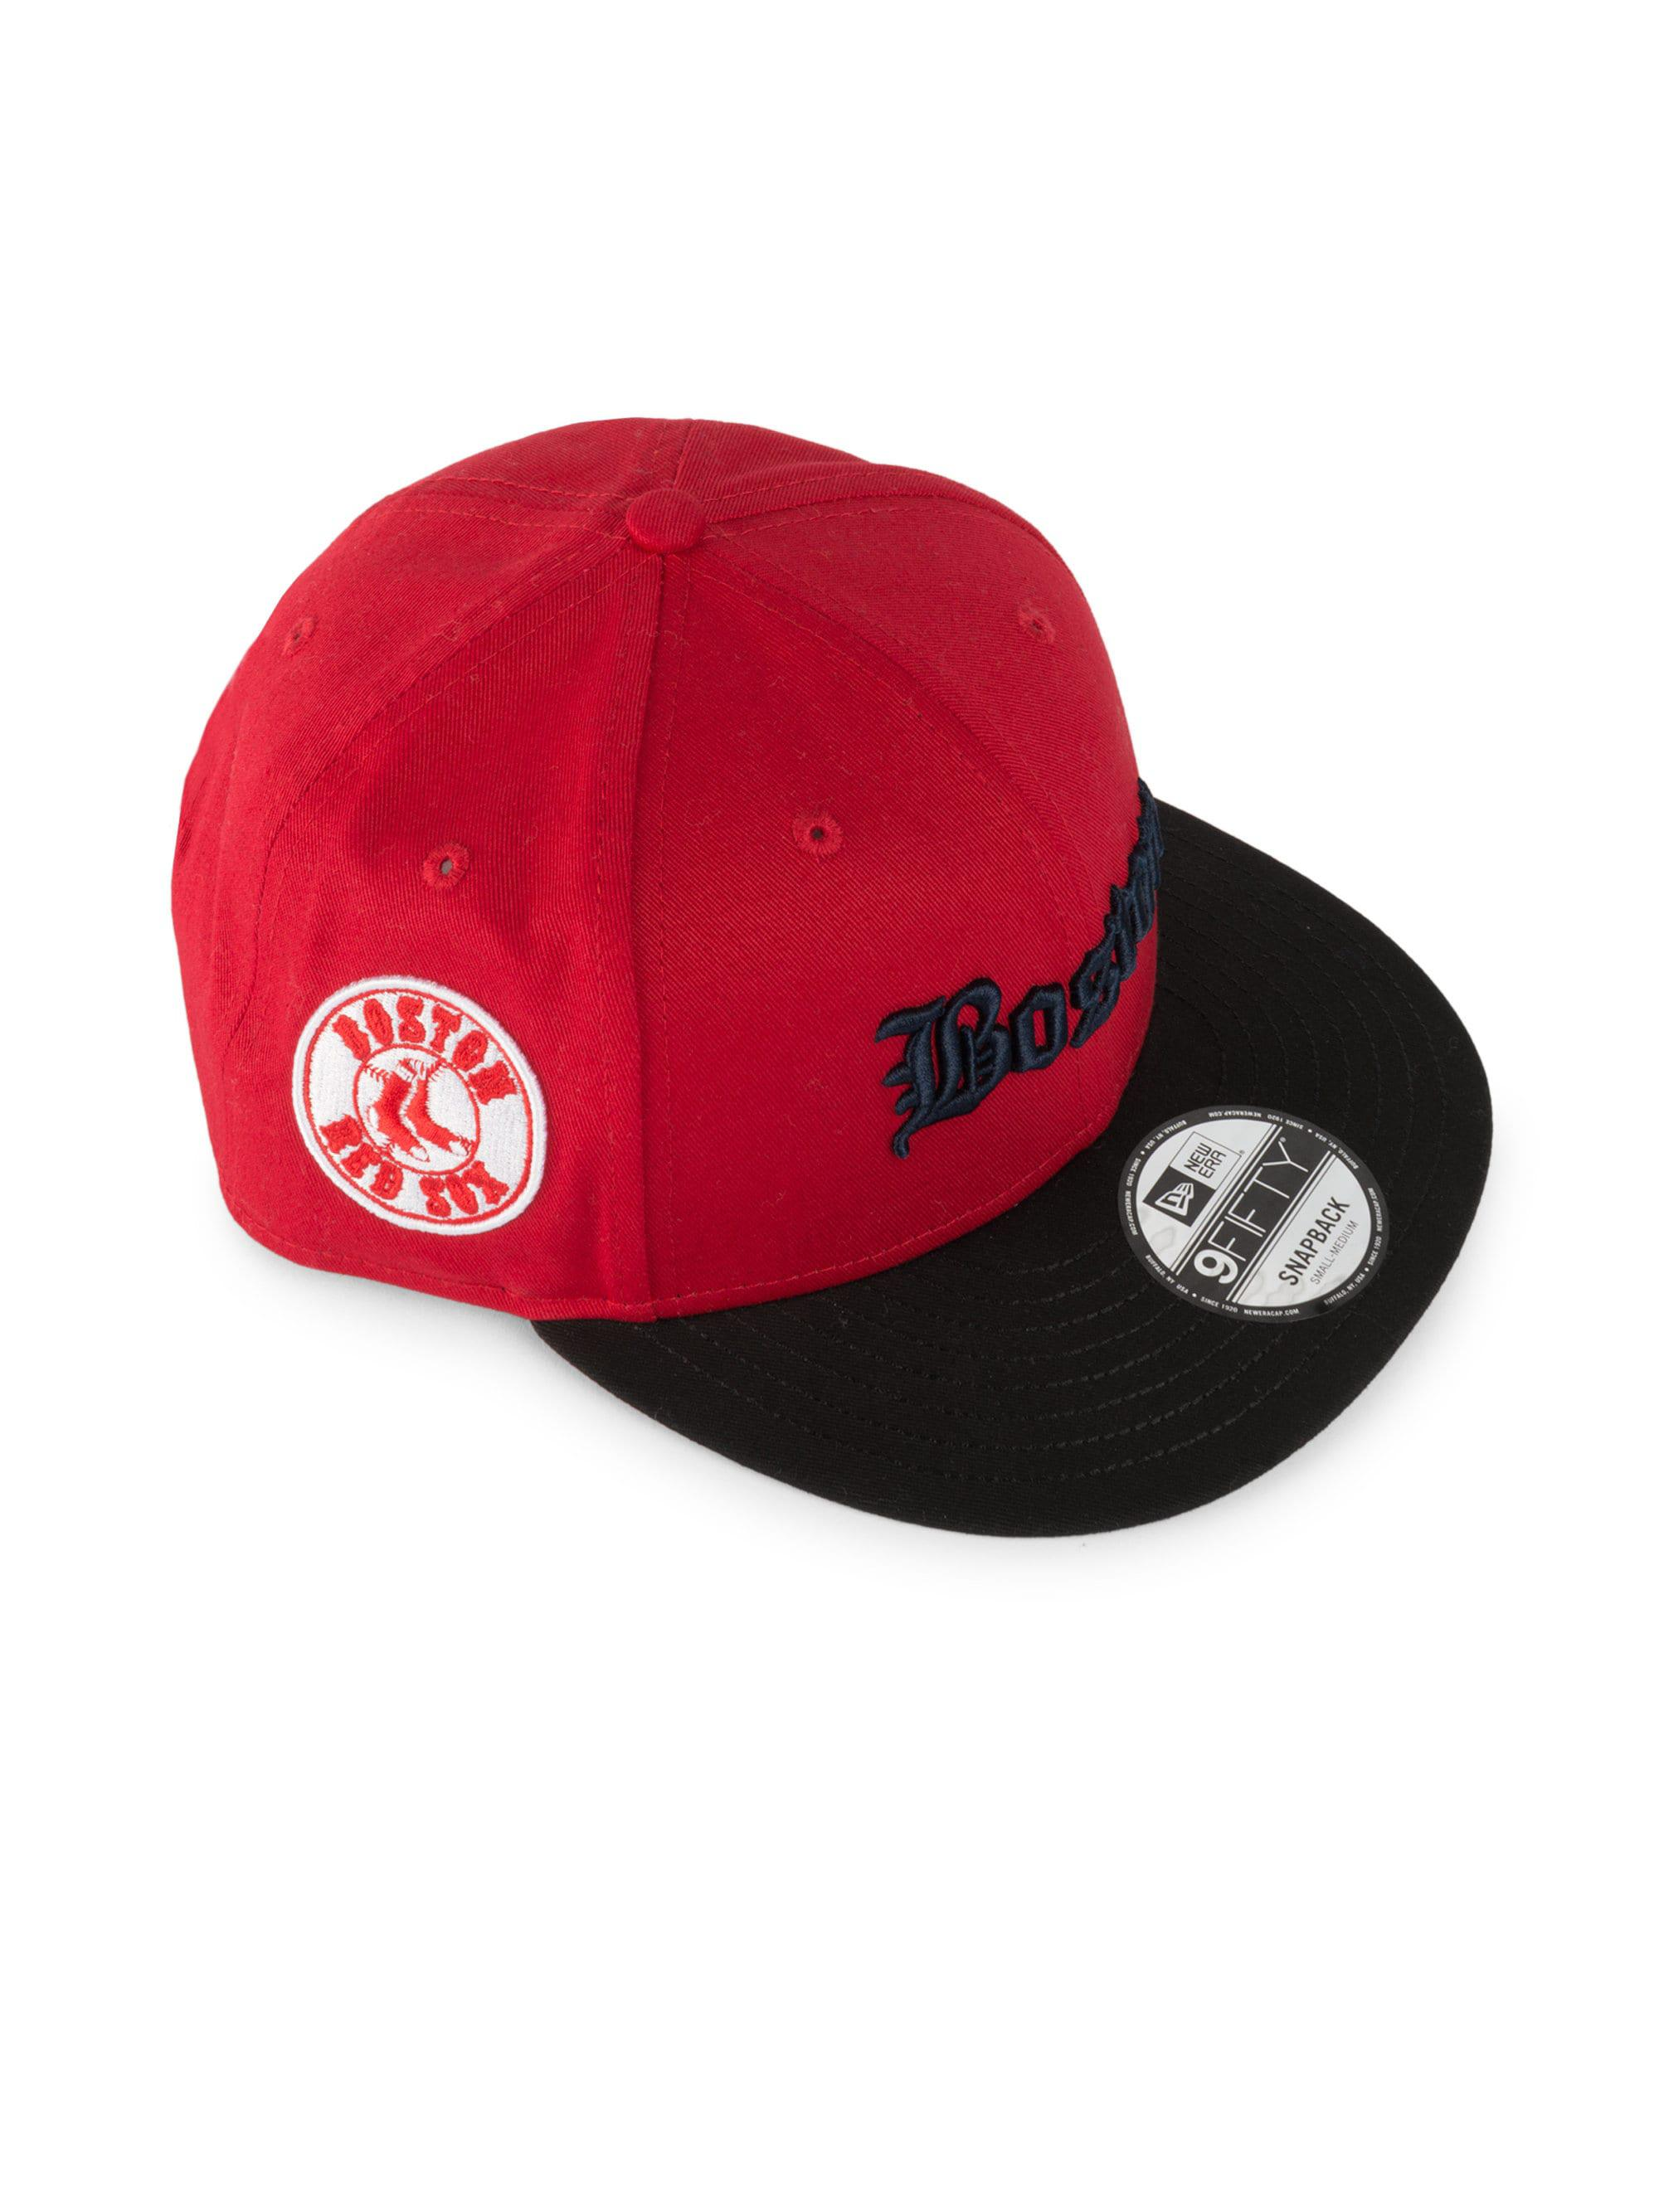 b0aec11e291 Marcelo Burlon Boston Red Sox Baseball Cap in Red for Men - Lyst